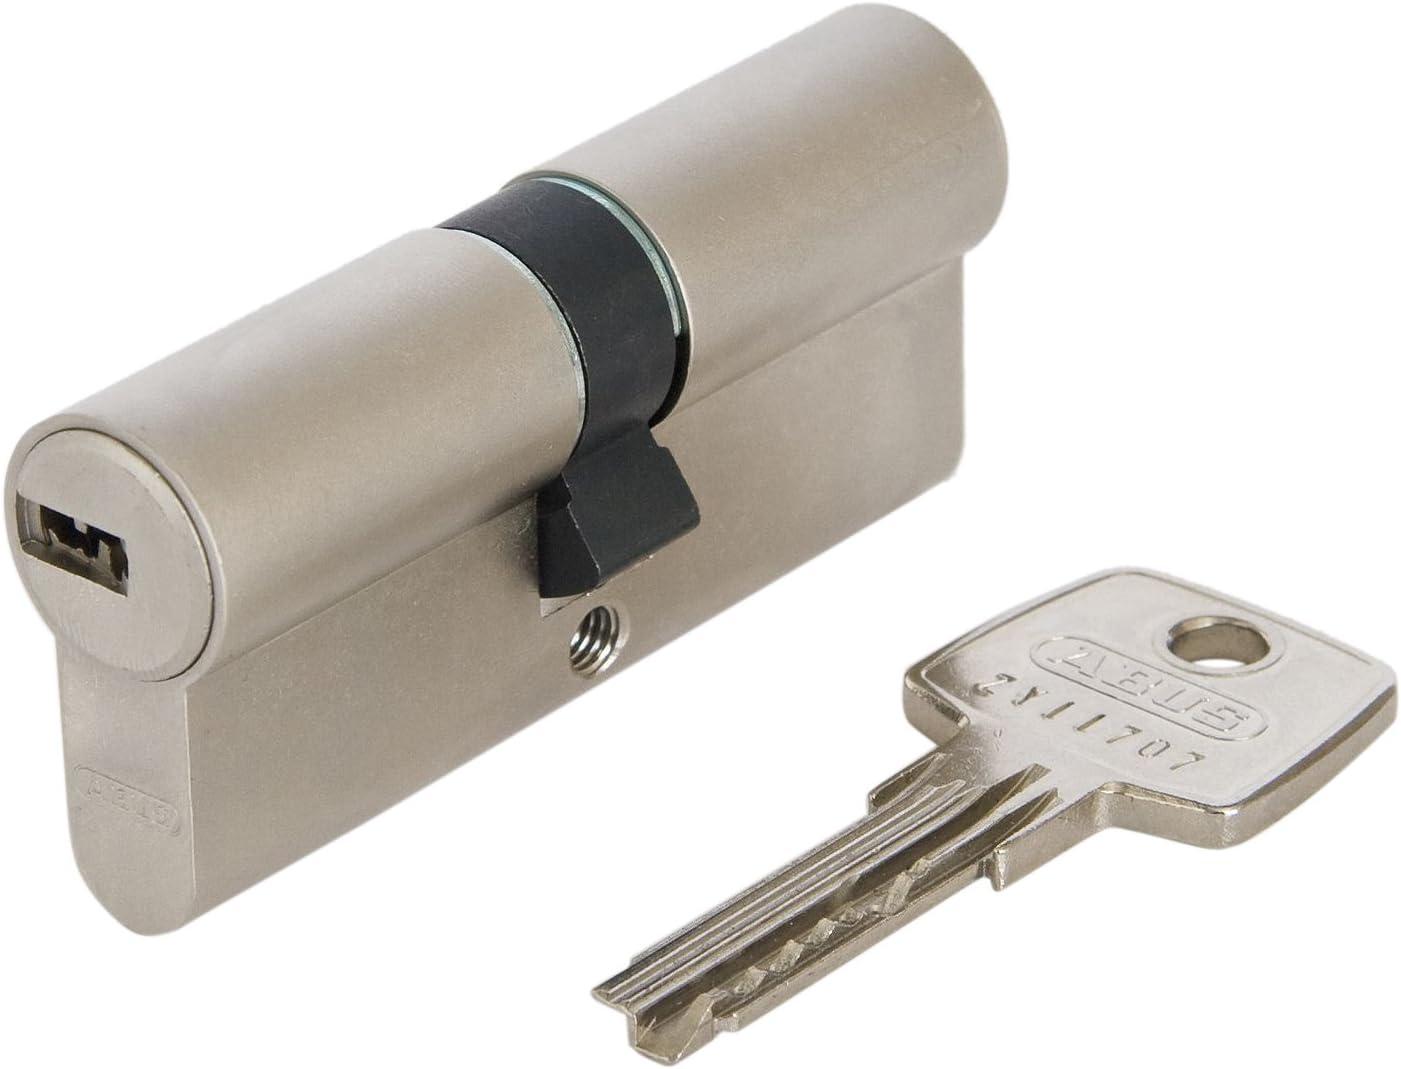 Gefahr 20 Schlüssel gleichschließend Schloss 4x Profil Zylinder 70mm 30//40 Not